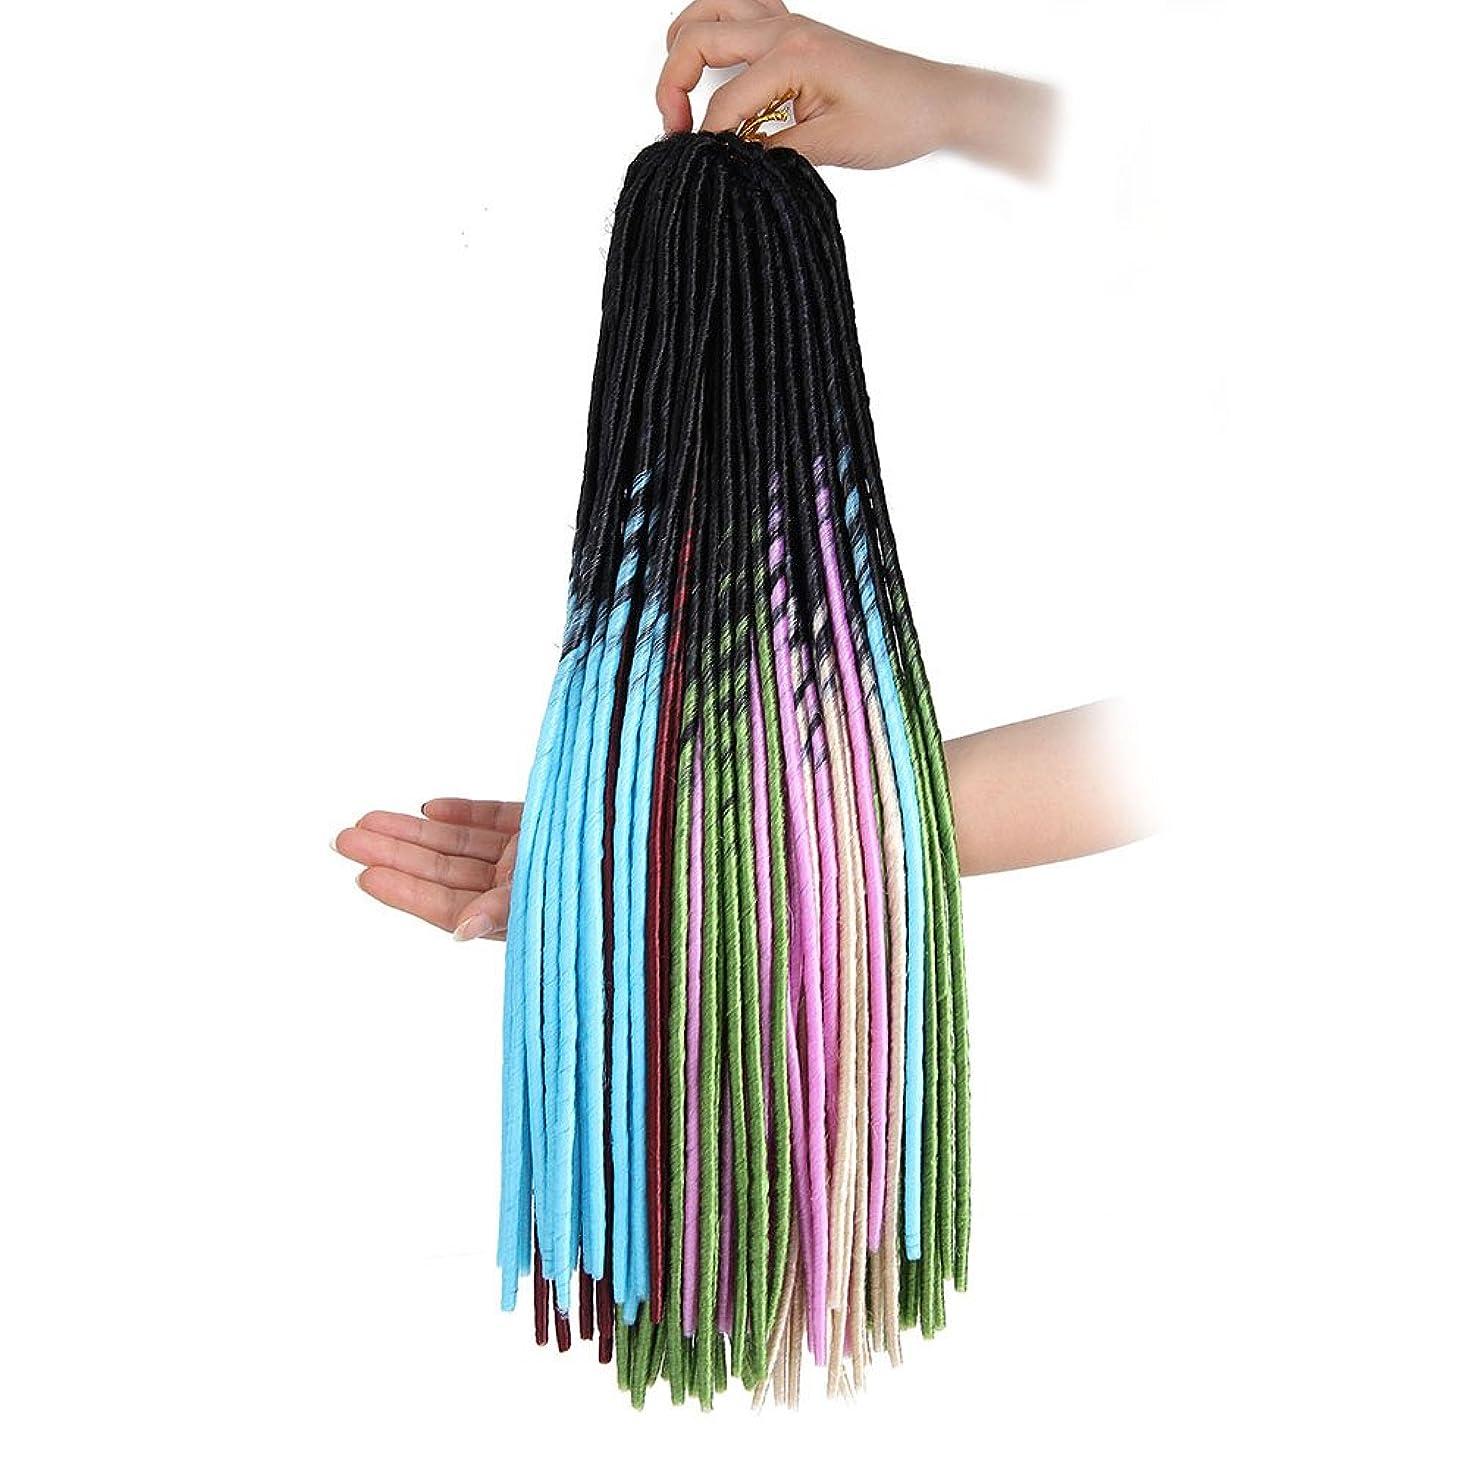 追う徹底的に毎日ウィッグウィッググラデーション編組編組黒根自然な柔らかい髪の人工